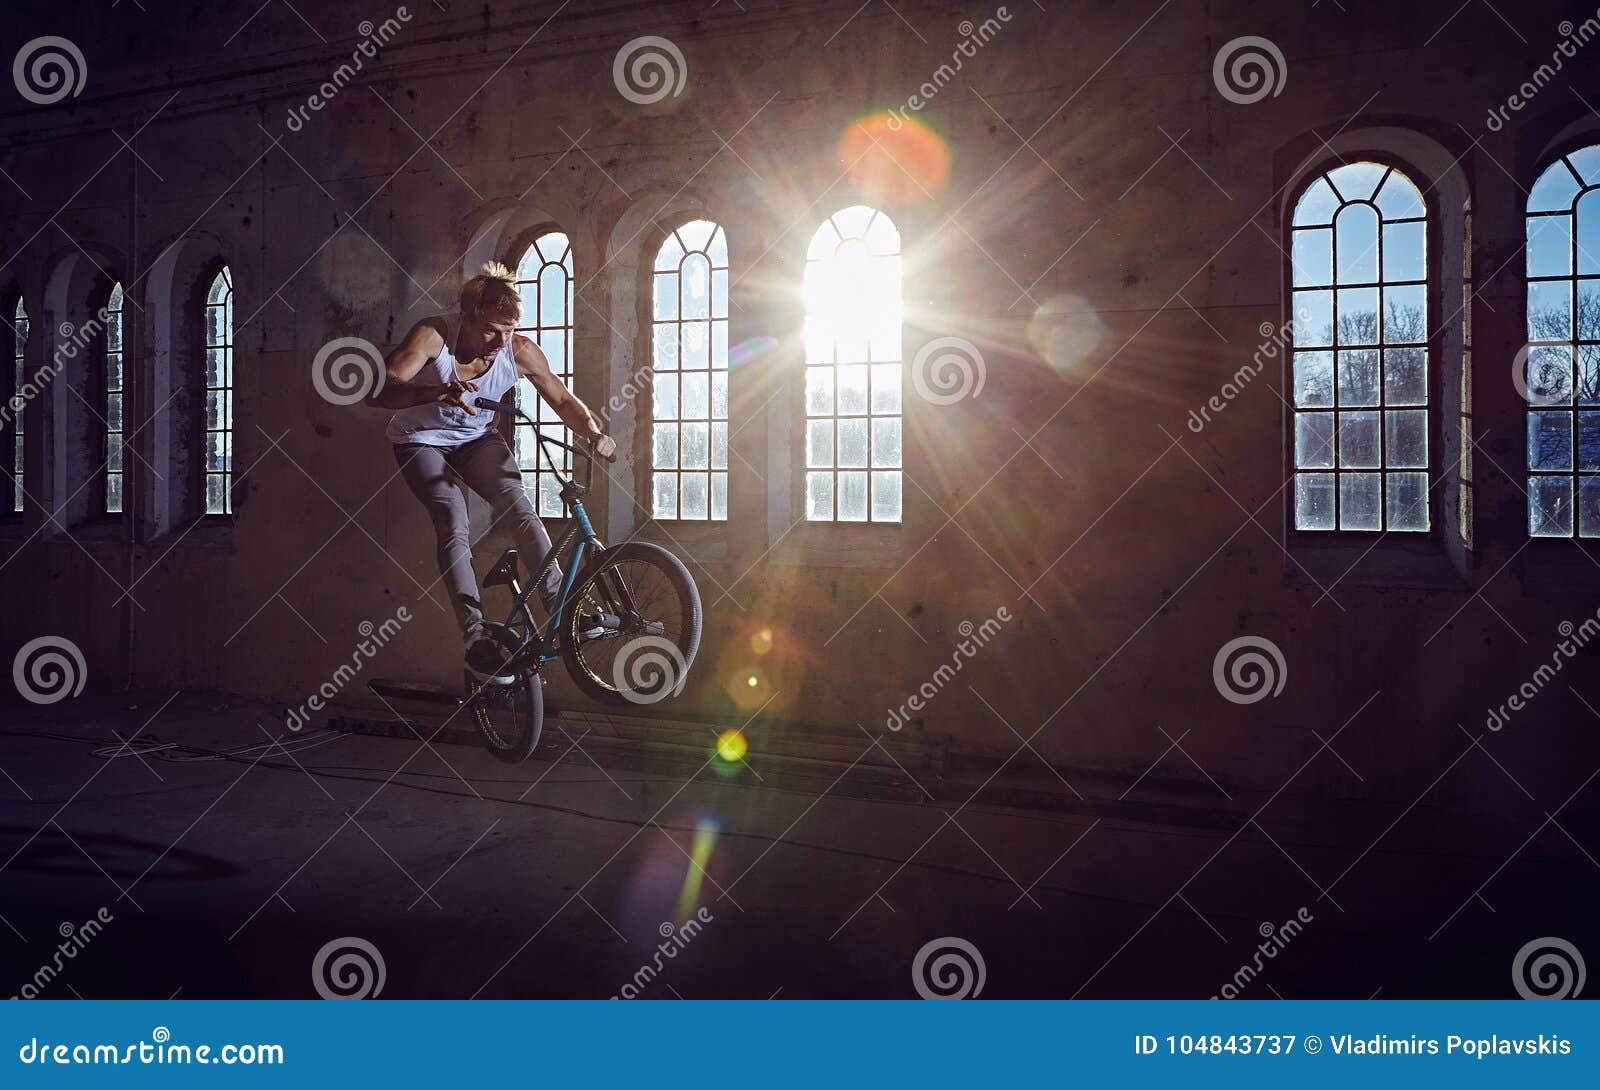 BMX wyczyn kaskaderski i skok jazda w sala z światłem słonecznym